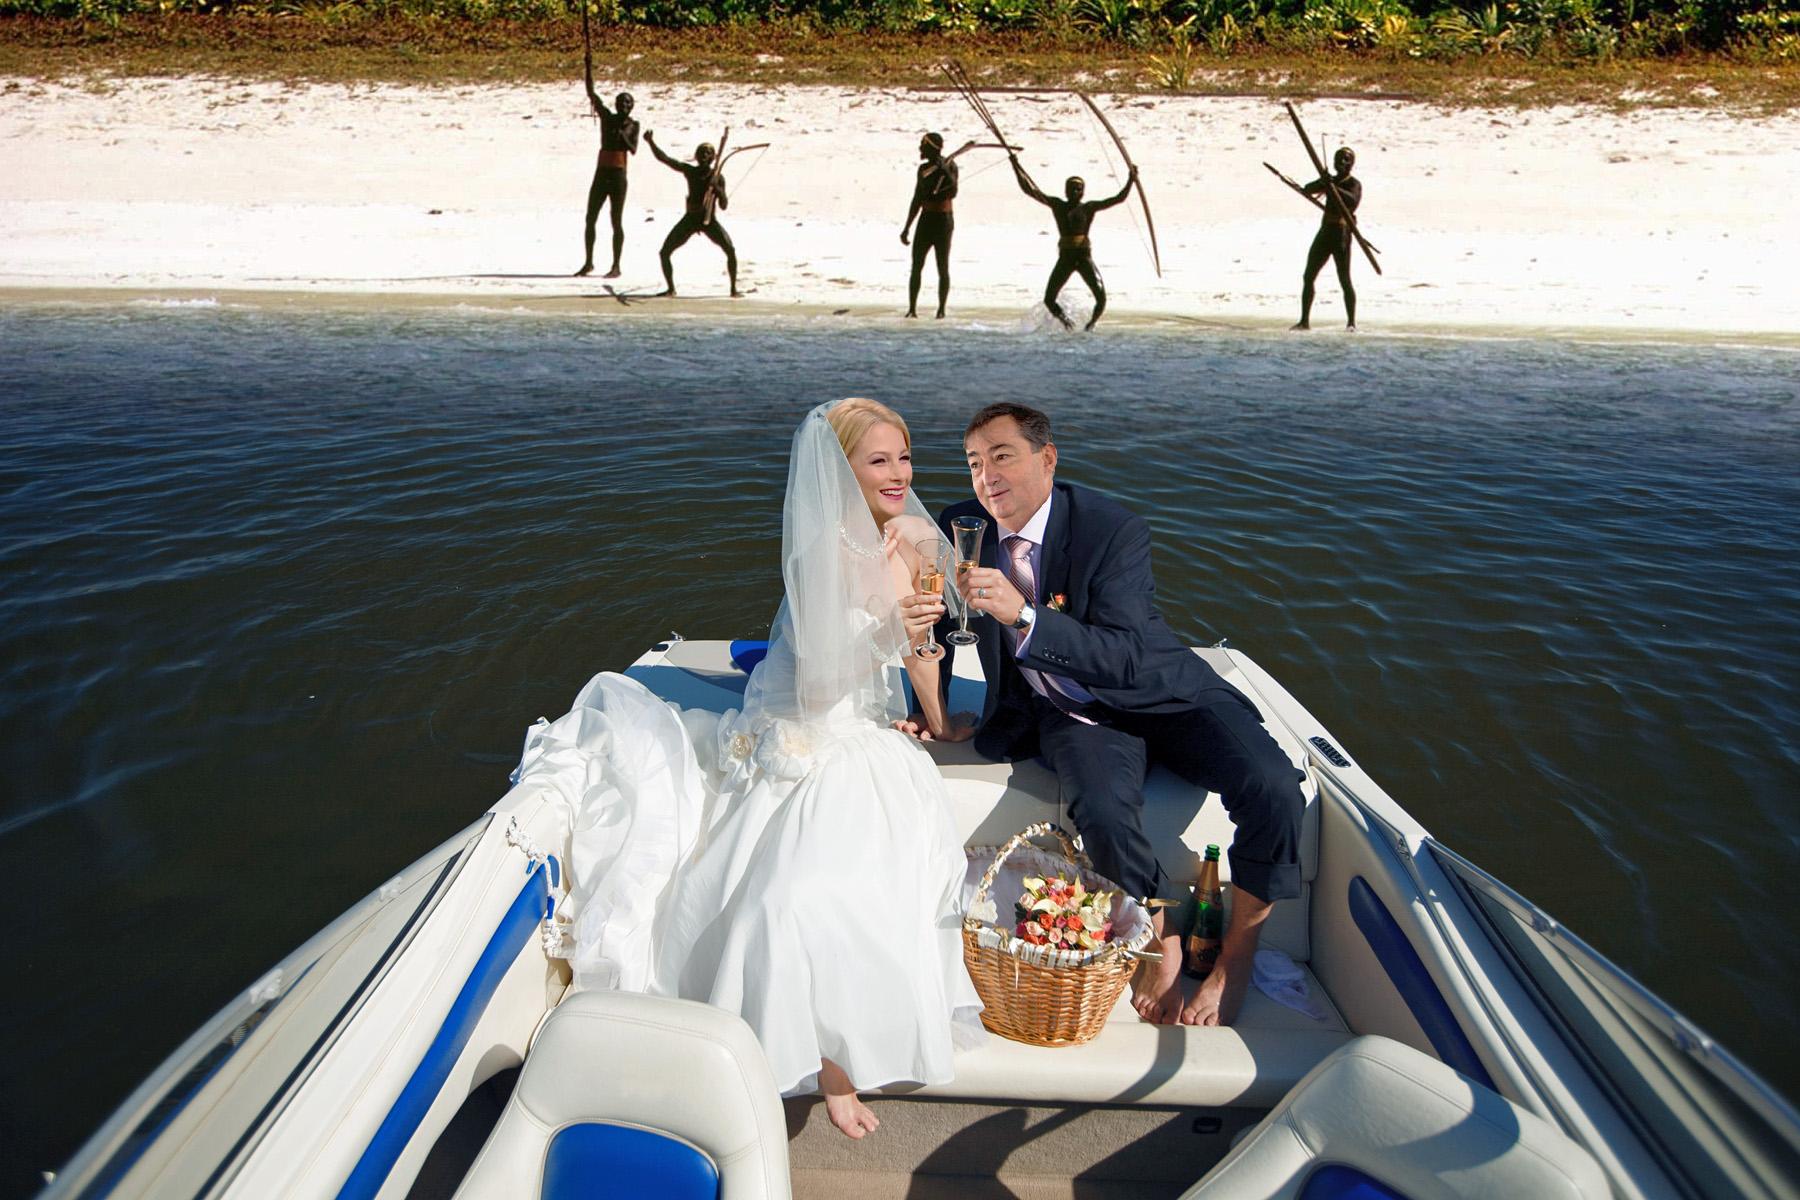 Romantikus hajókázás (Fotó: nlc illusztráció)